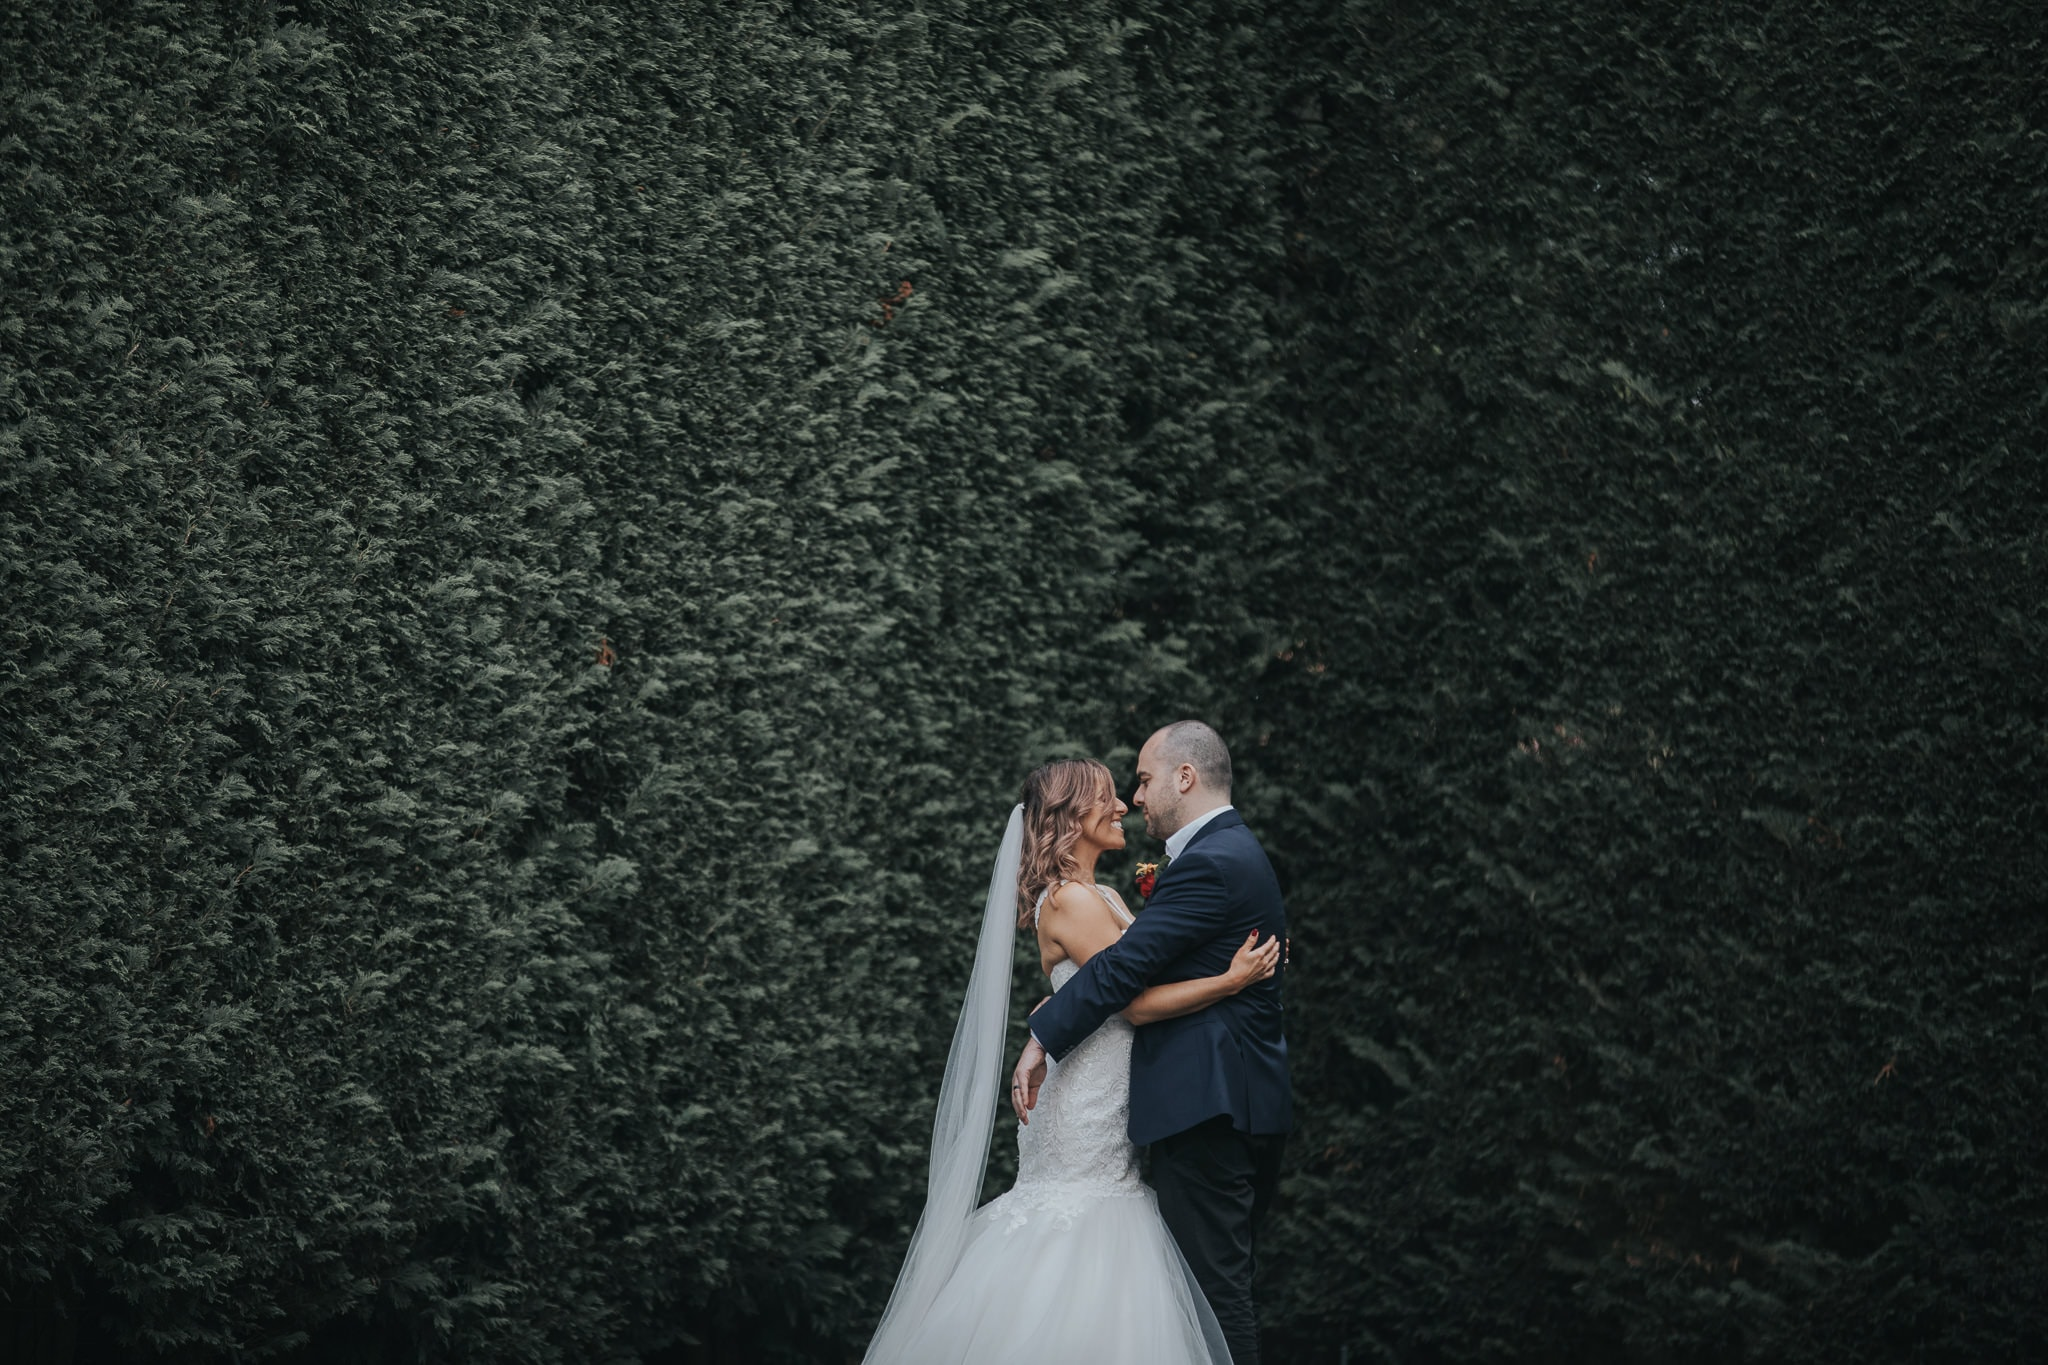 Simple Wedding Photography at Quat Quatta